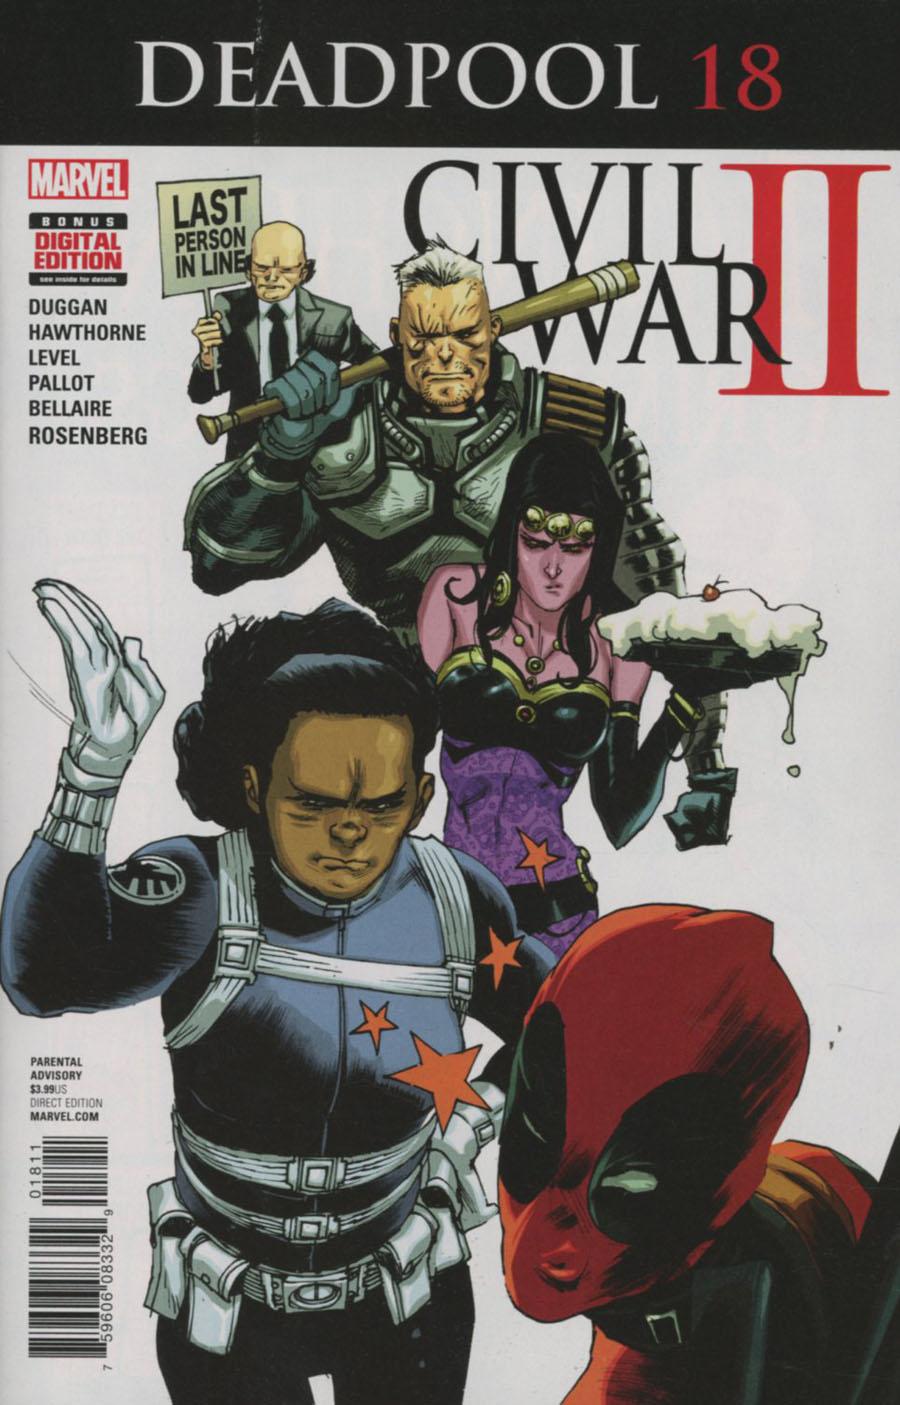 Deadpool Vol 5 #18 Cover A Regular Rafael Albuquerque Cover (Civil War II Tie-In)